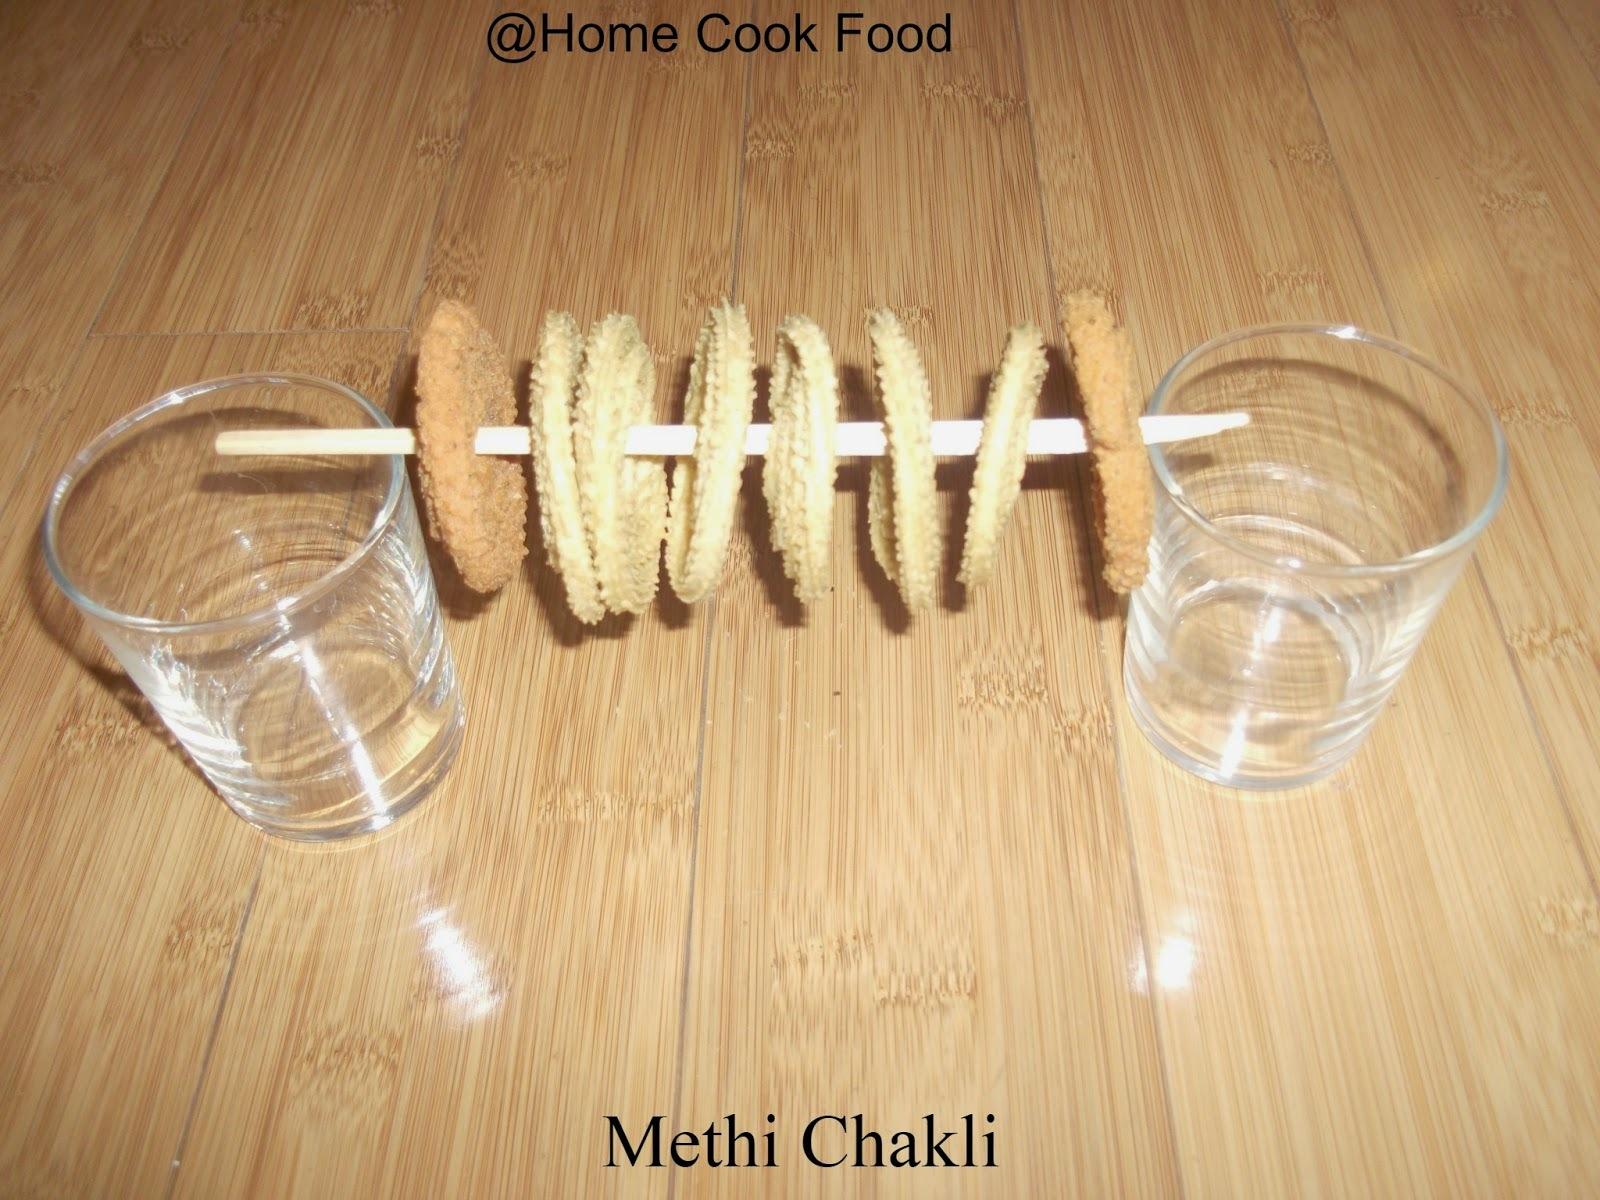 Methi Chakli